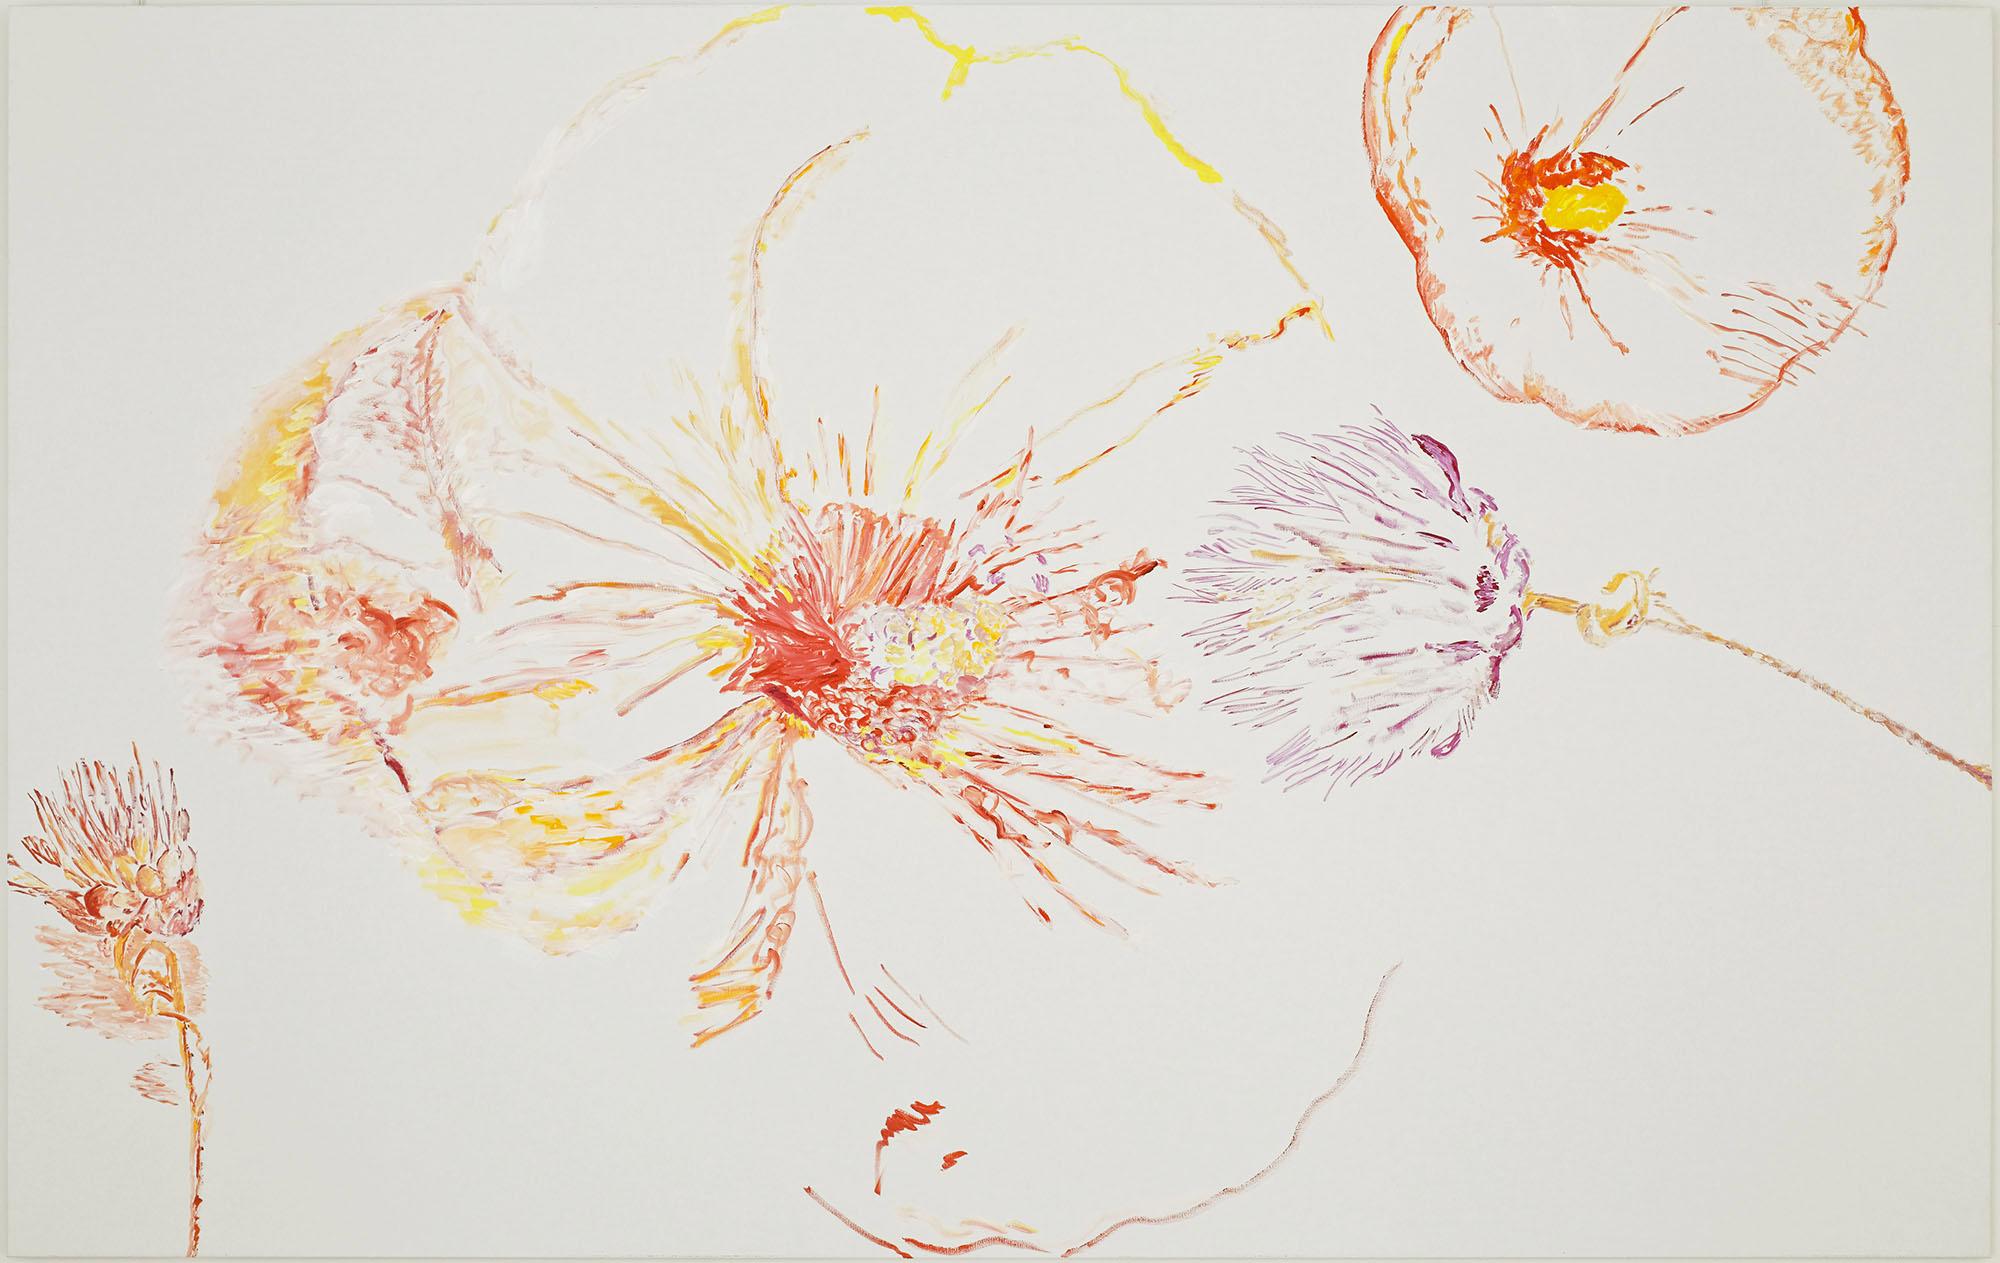 Prefigure (C) (acrylic on canvas, 200 x 300 cm - 2015).